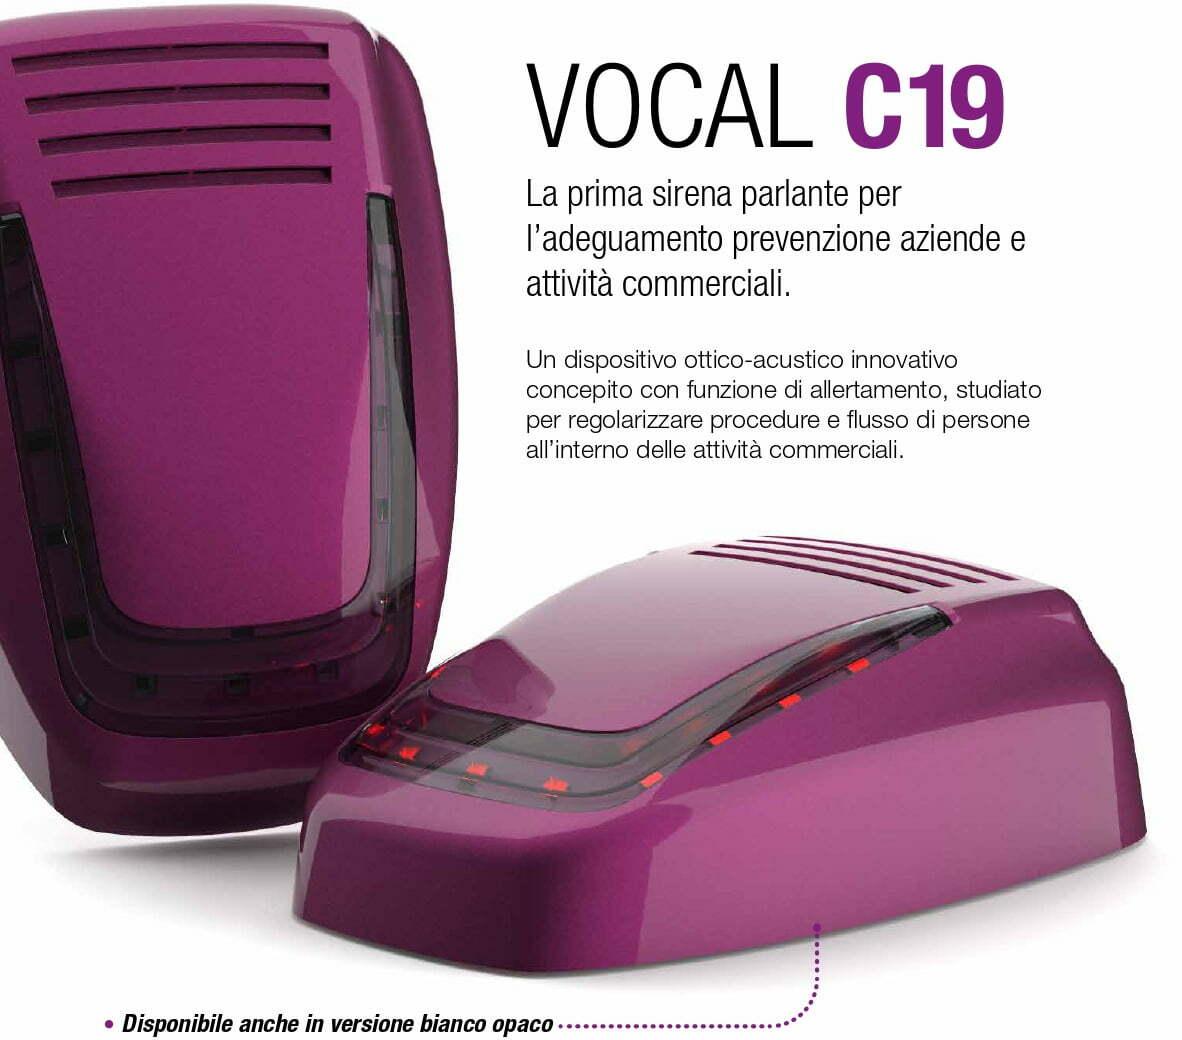 sirena.vocal-c19-venitem